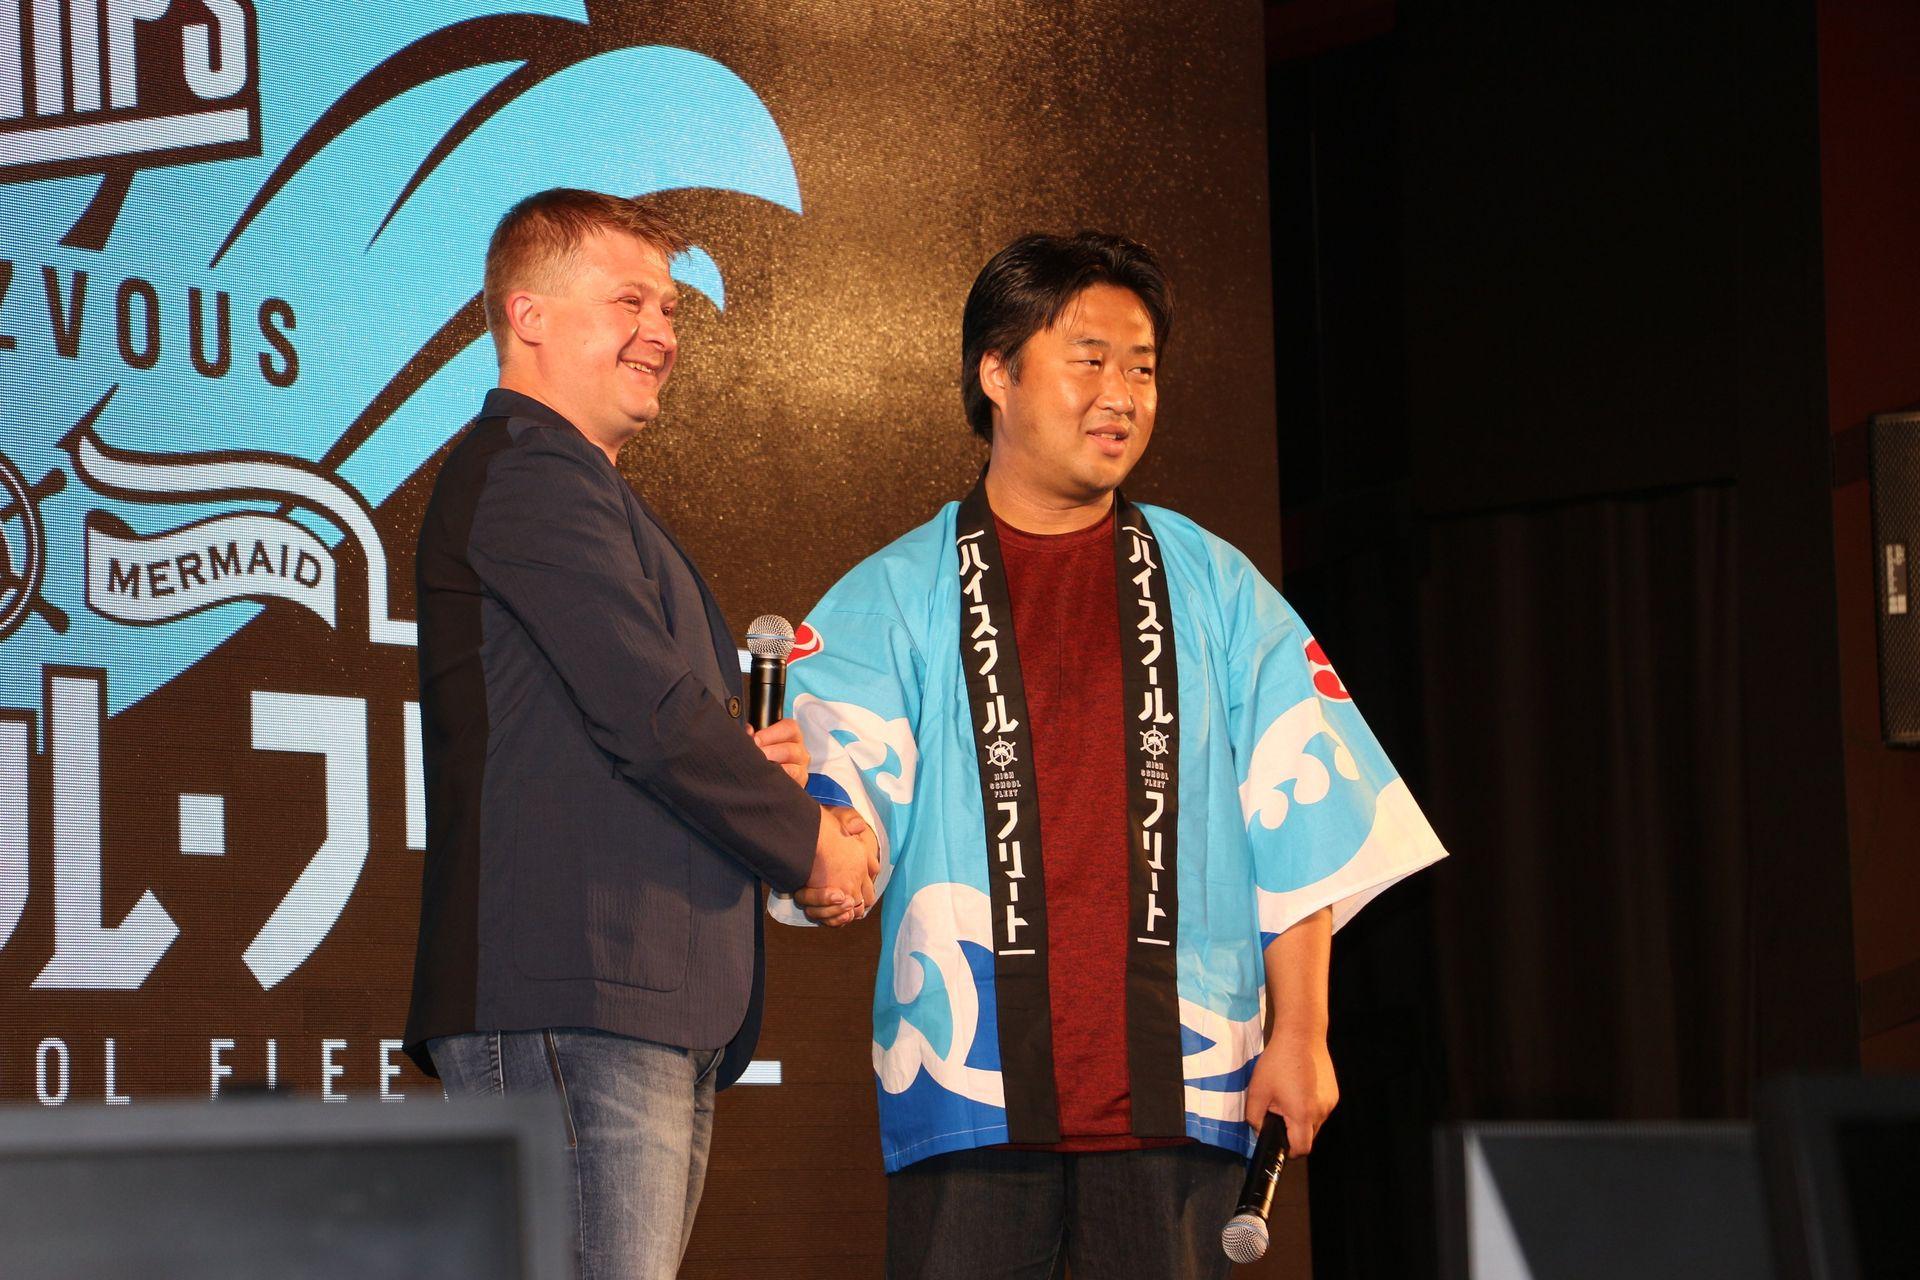 「ハイスクール・フリート」プロデューサーの柏田真一郎氏と握手